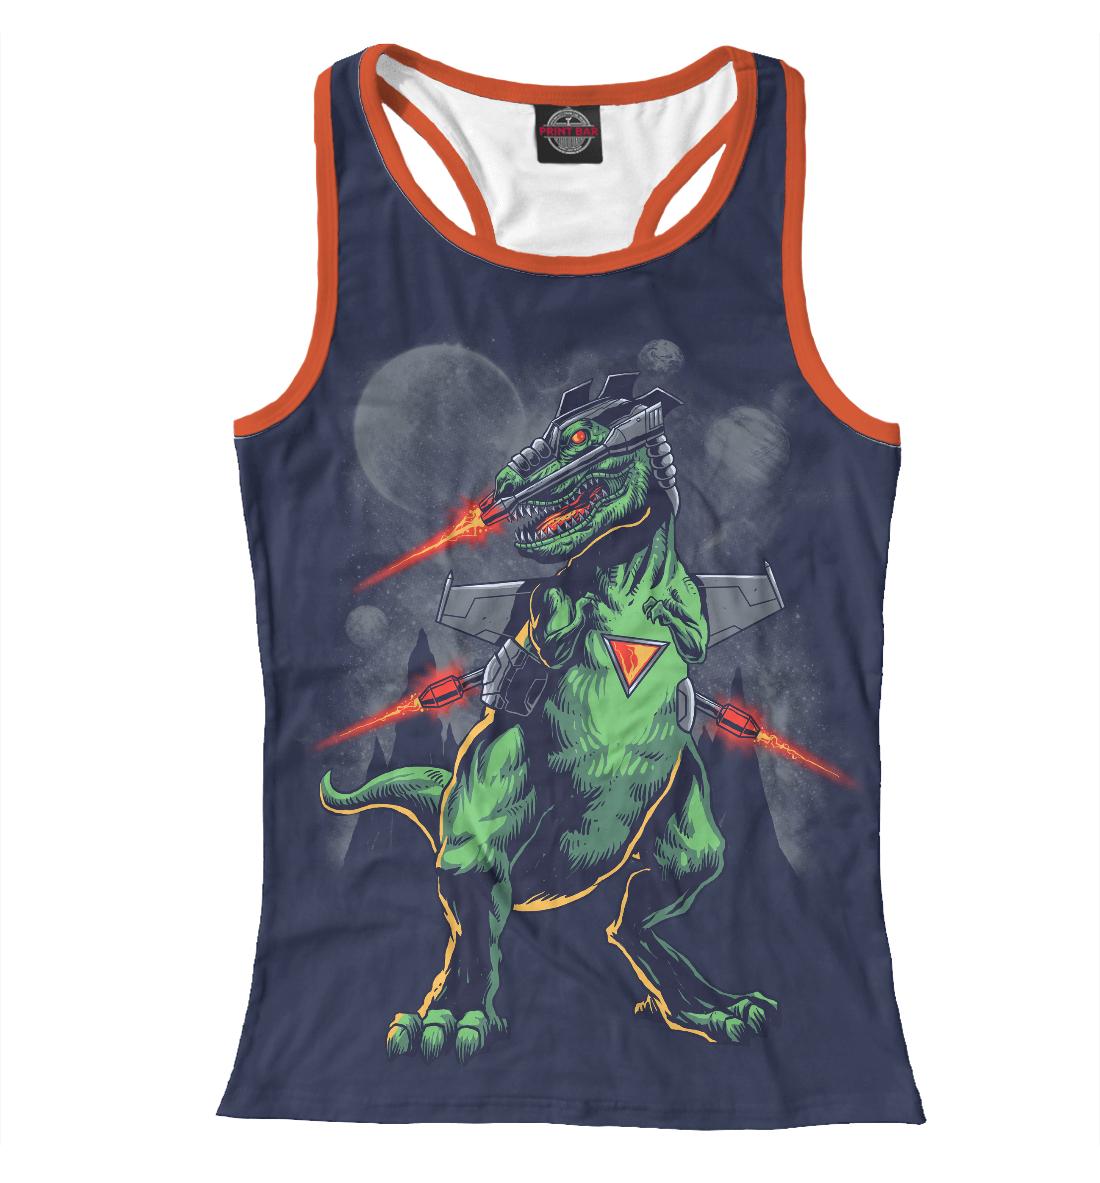 Купить Звездный динозавр, Printbar, Майки борцовки, HIP-922016-mayb-1